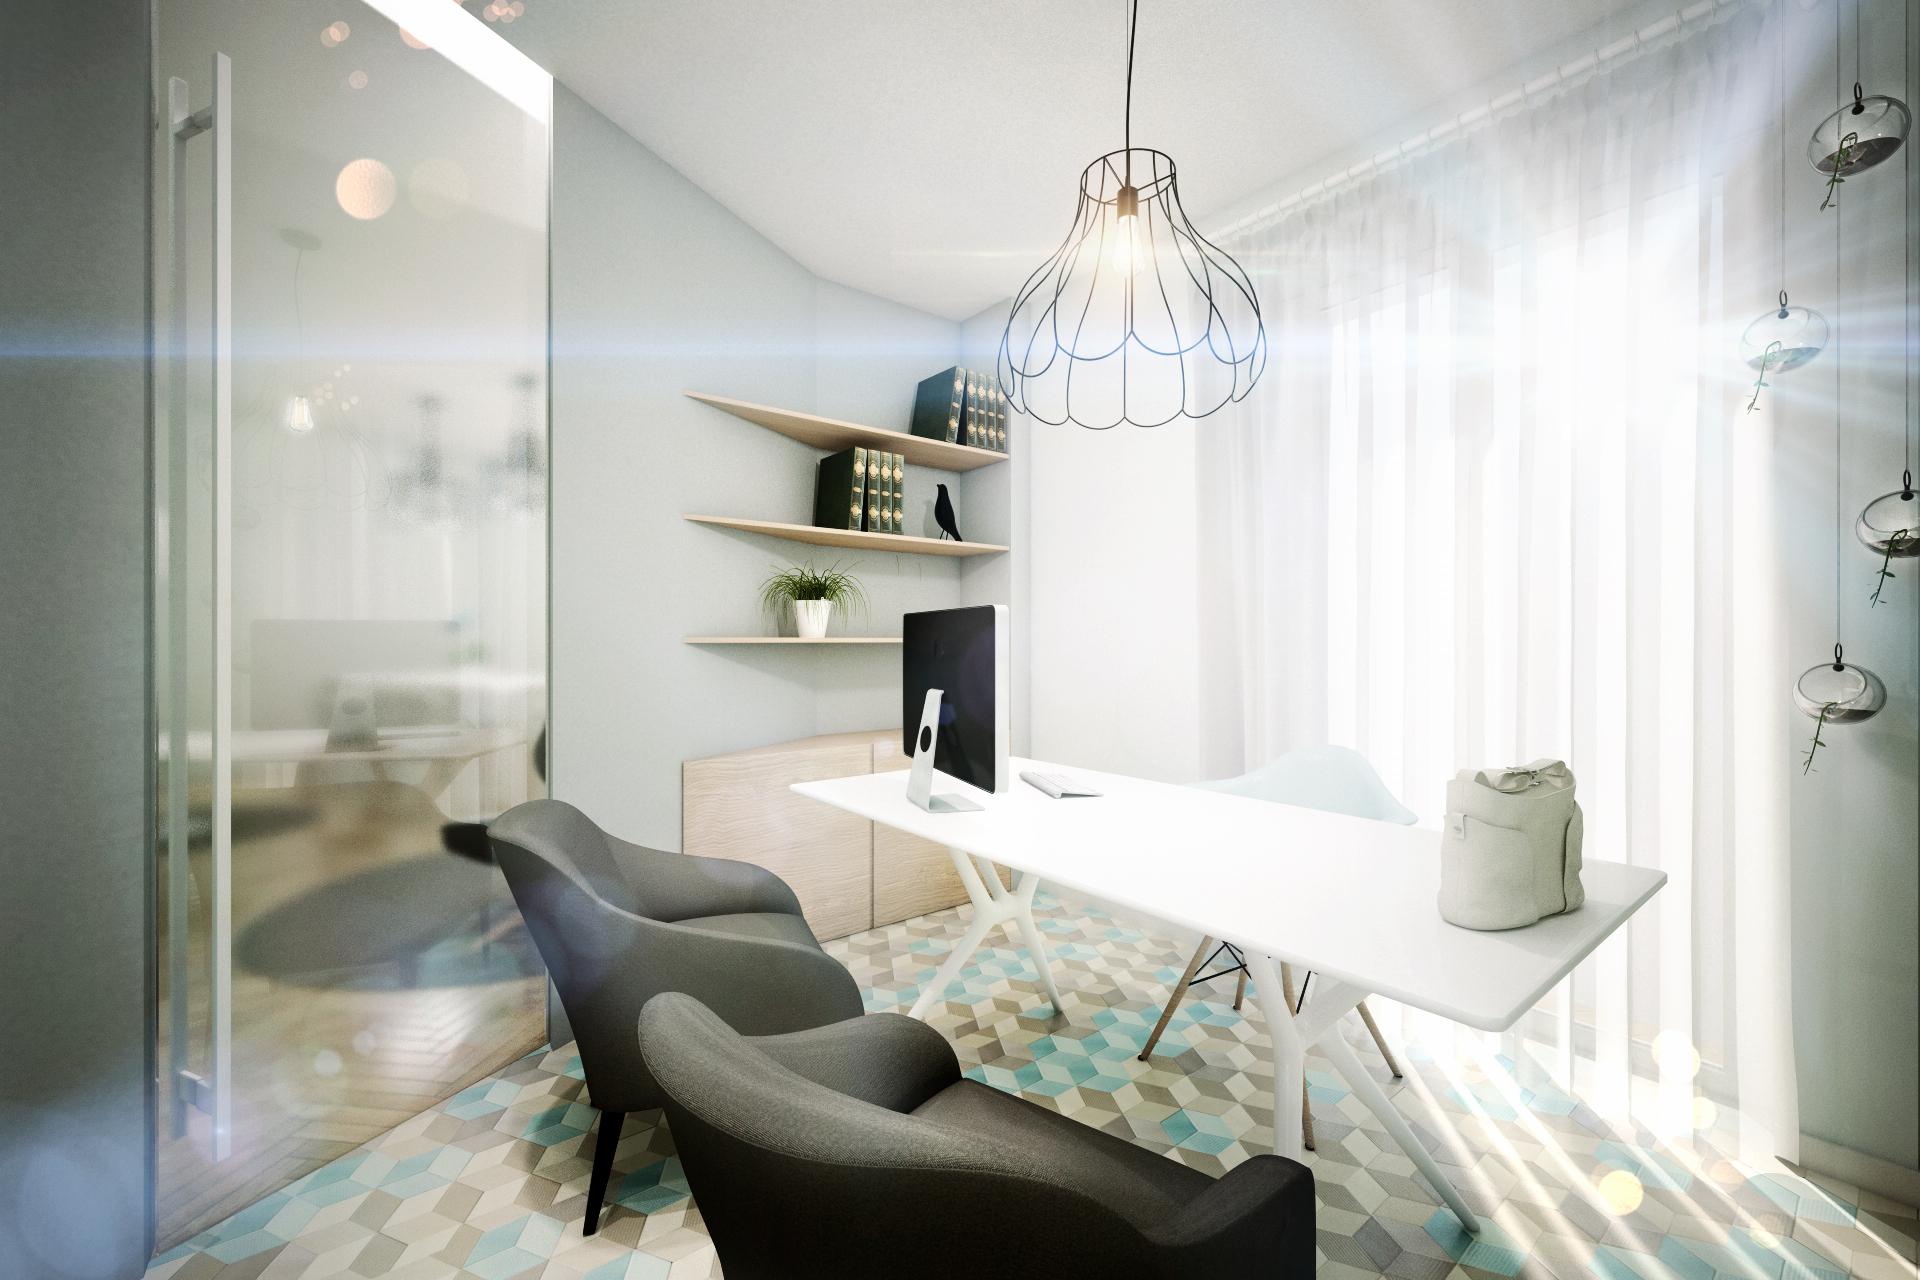 Дизайн квартиры в пастельных тонах: кабинет